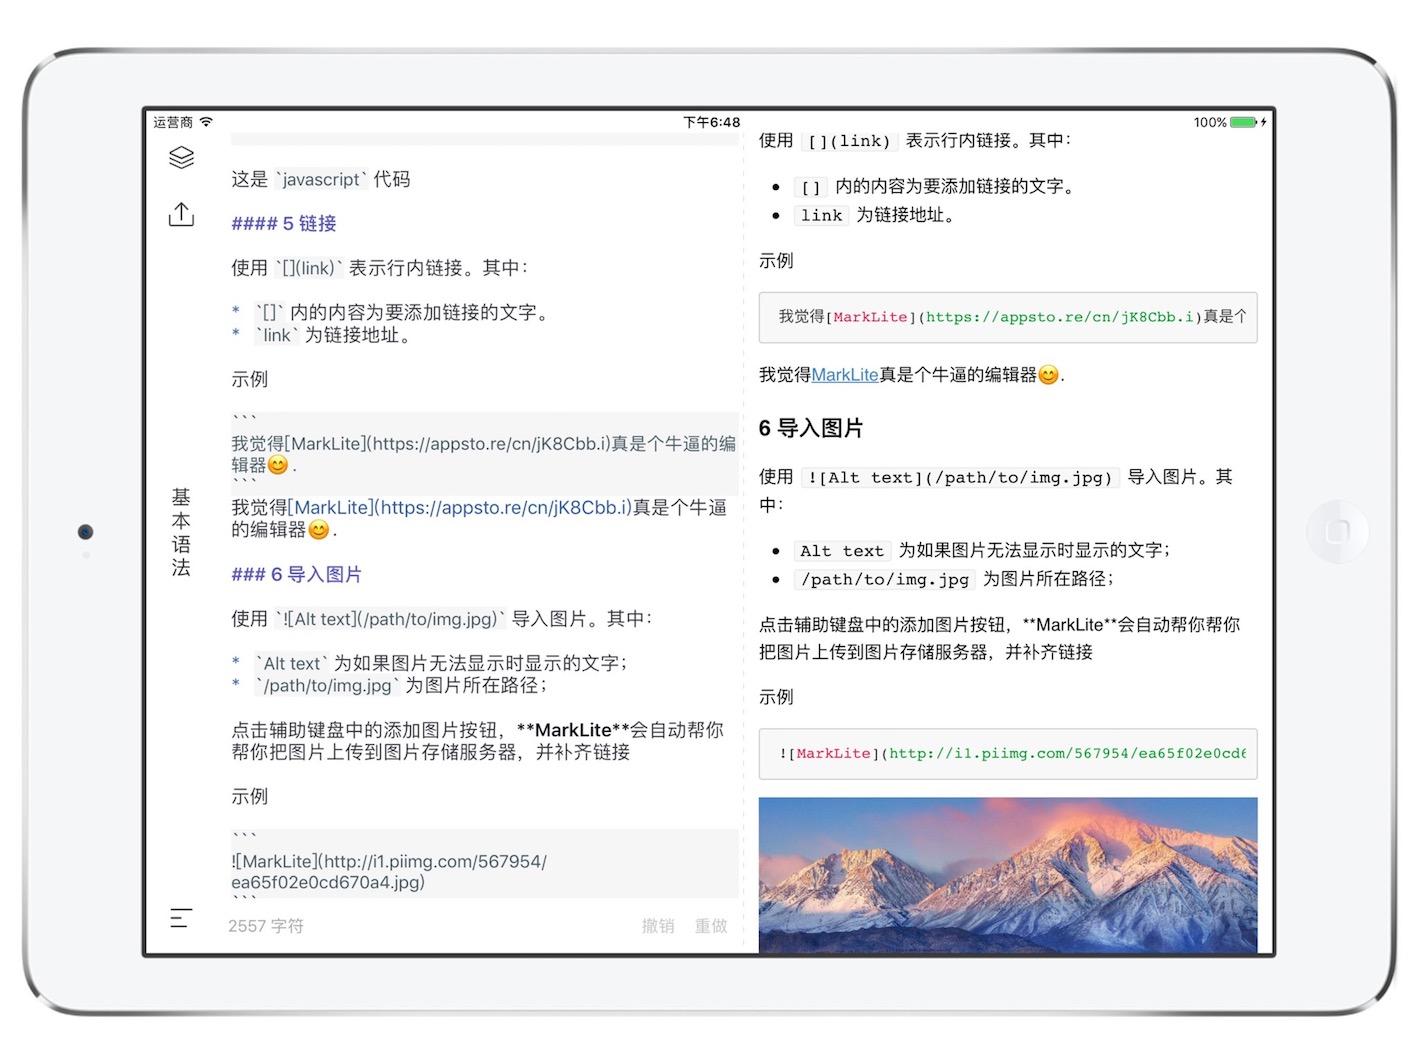 iPad_ScreenShot.jpg